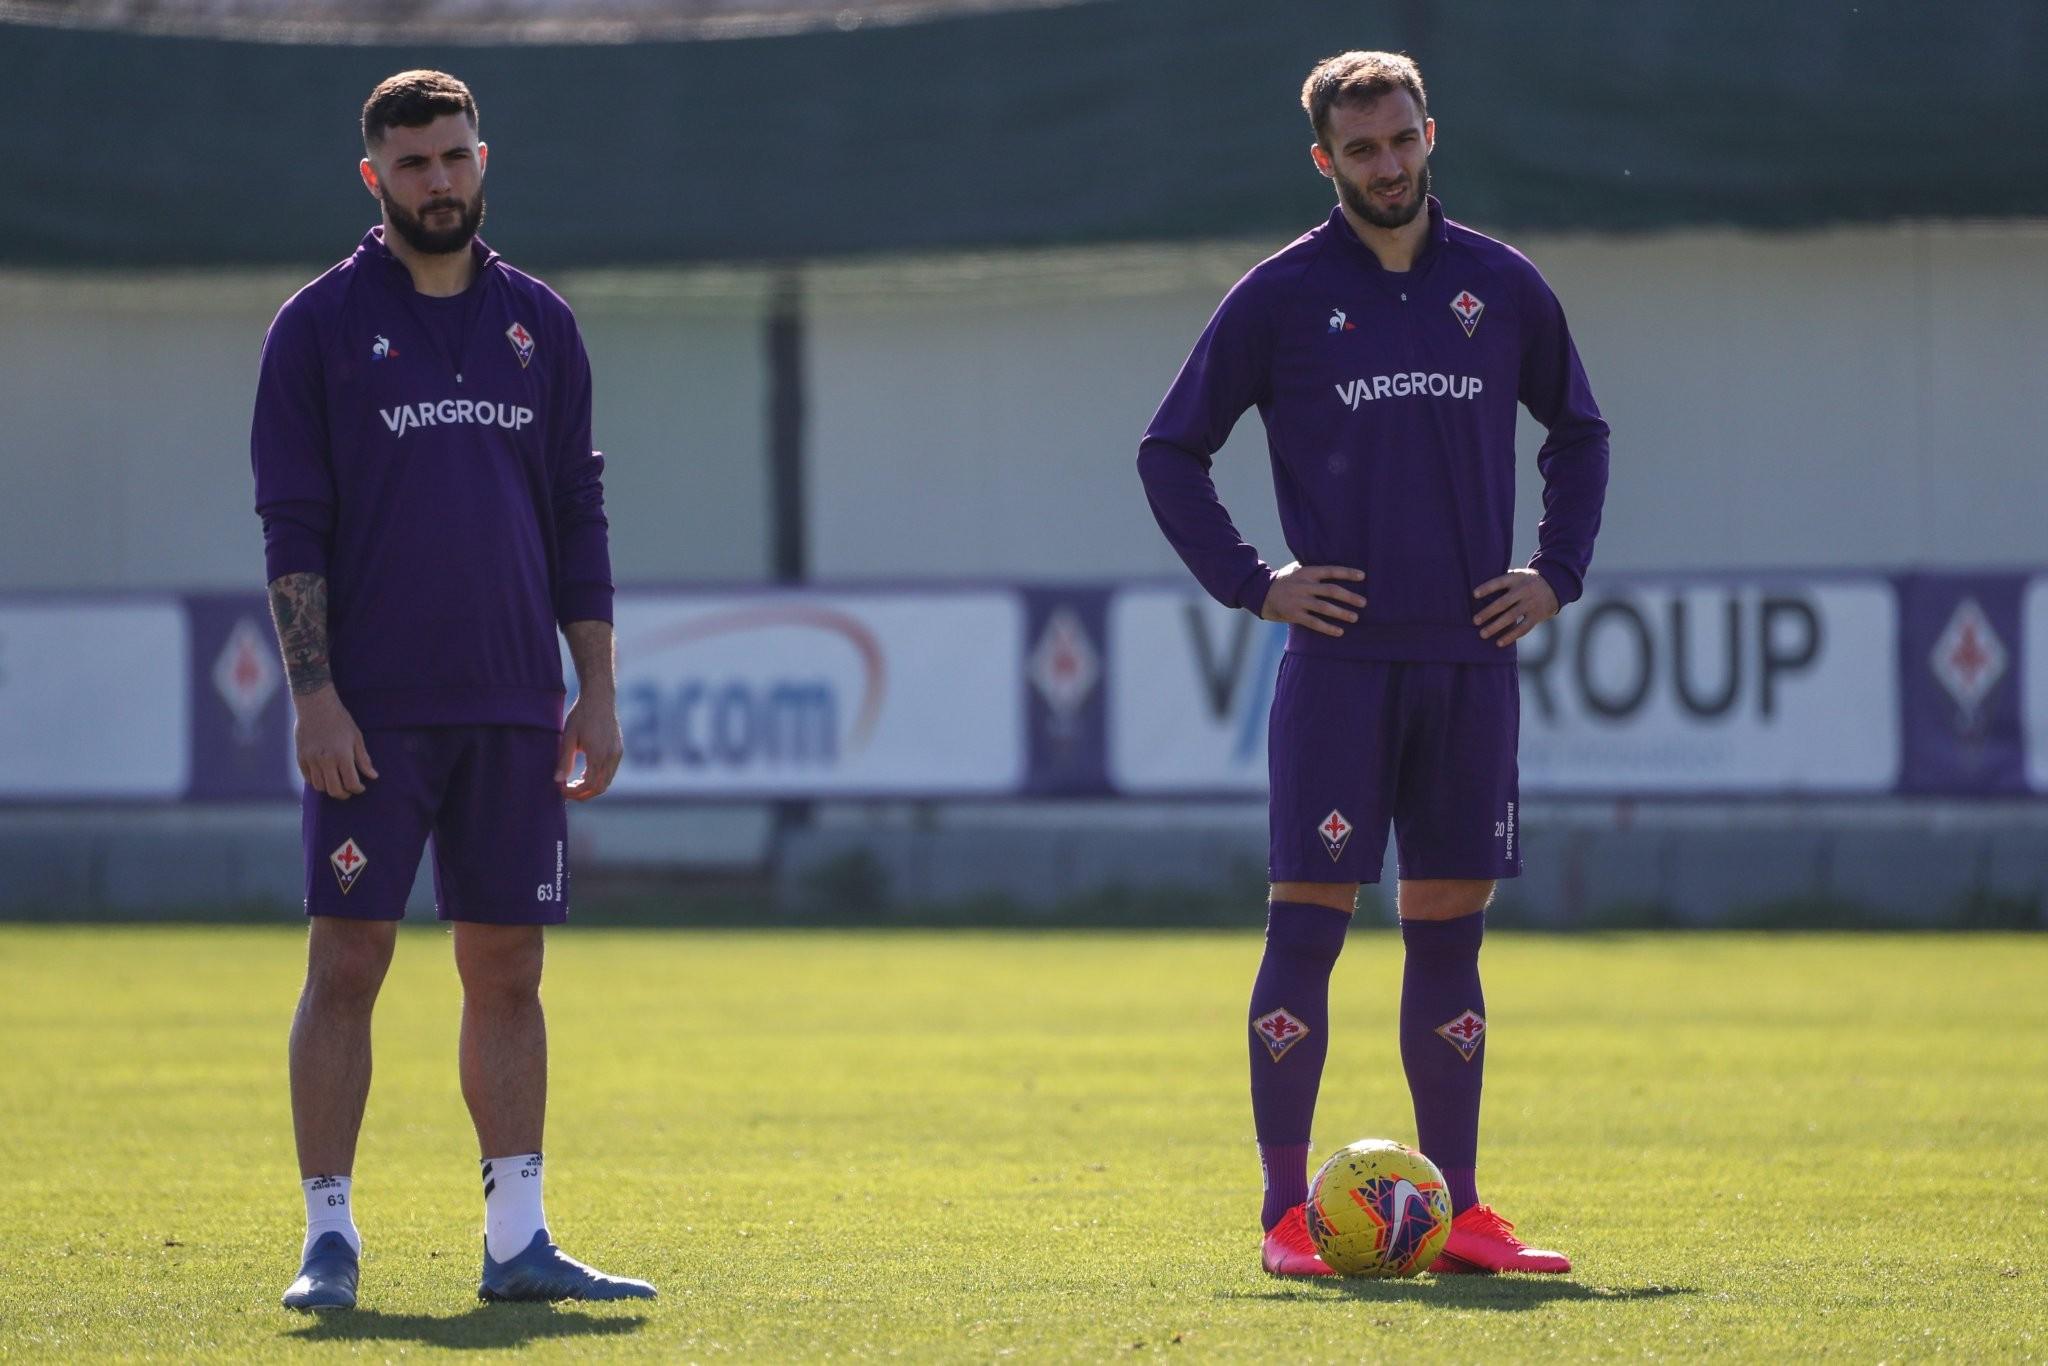 意甲佛罗伦萨:两球员确诊新冠病毒 包括库特罗内